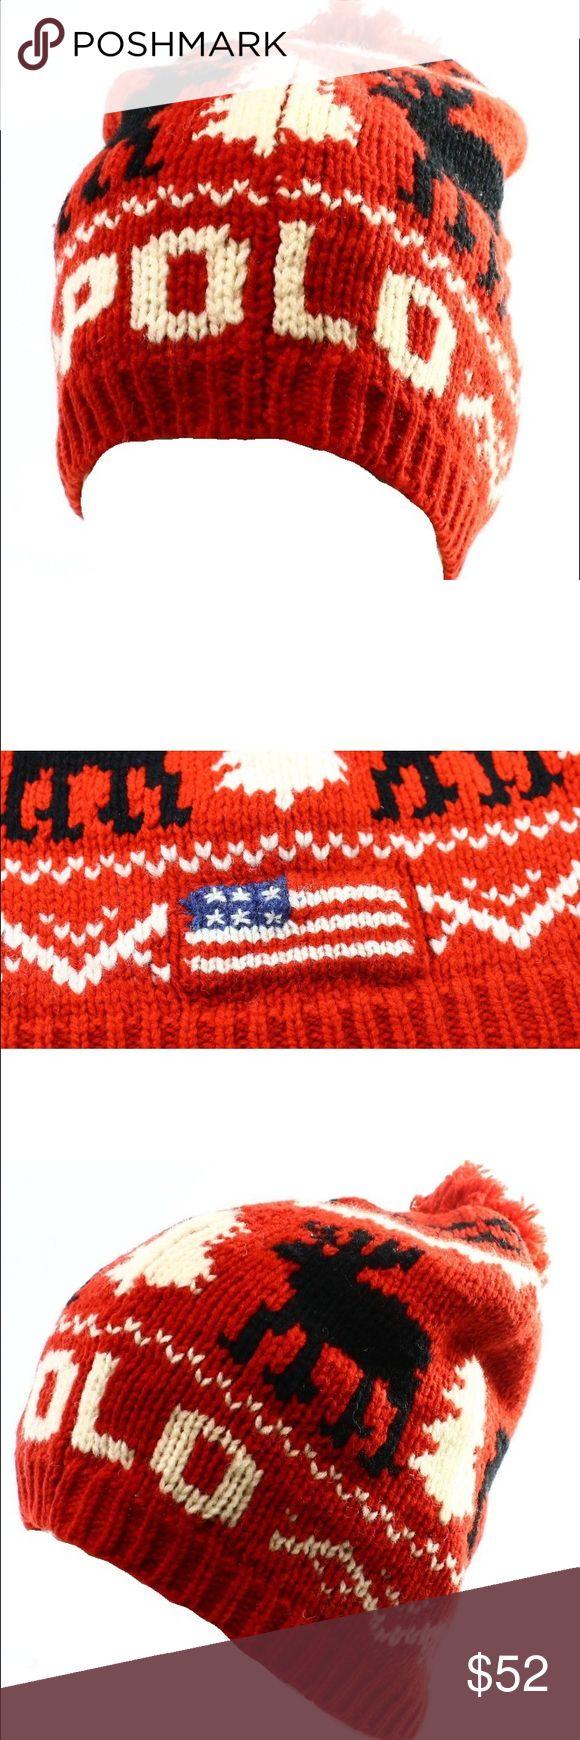 POLO RALPH LAUREN  Jacquard Pom Beanie Wool BRAND NEW POLO RALPH LAUREN Red Holiday Jacquard One Size Pom Beanie Wool by Polo Ralph Lauren Polo by Ralph Lauren Accessories Hats